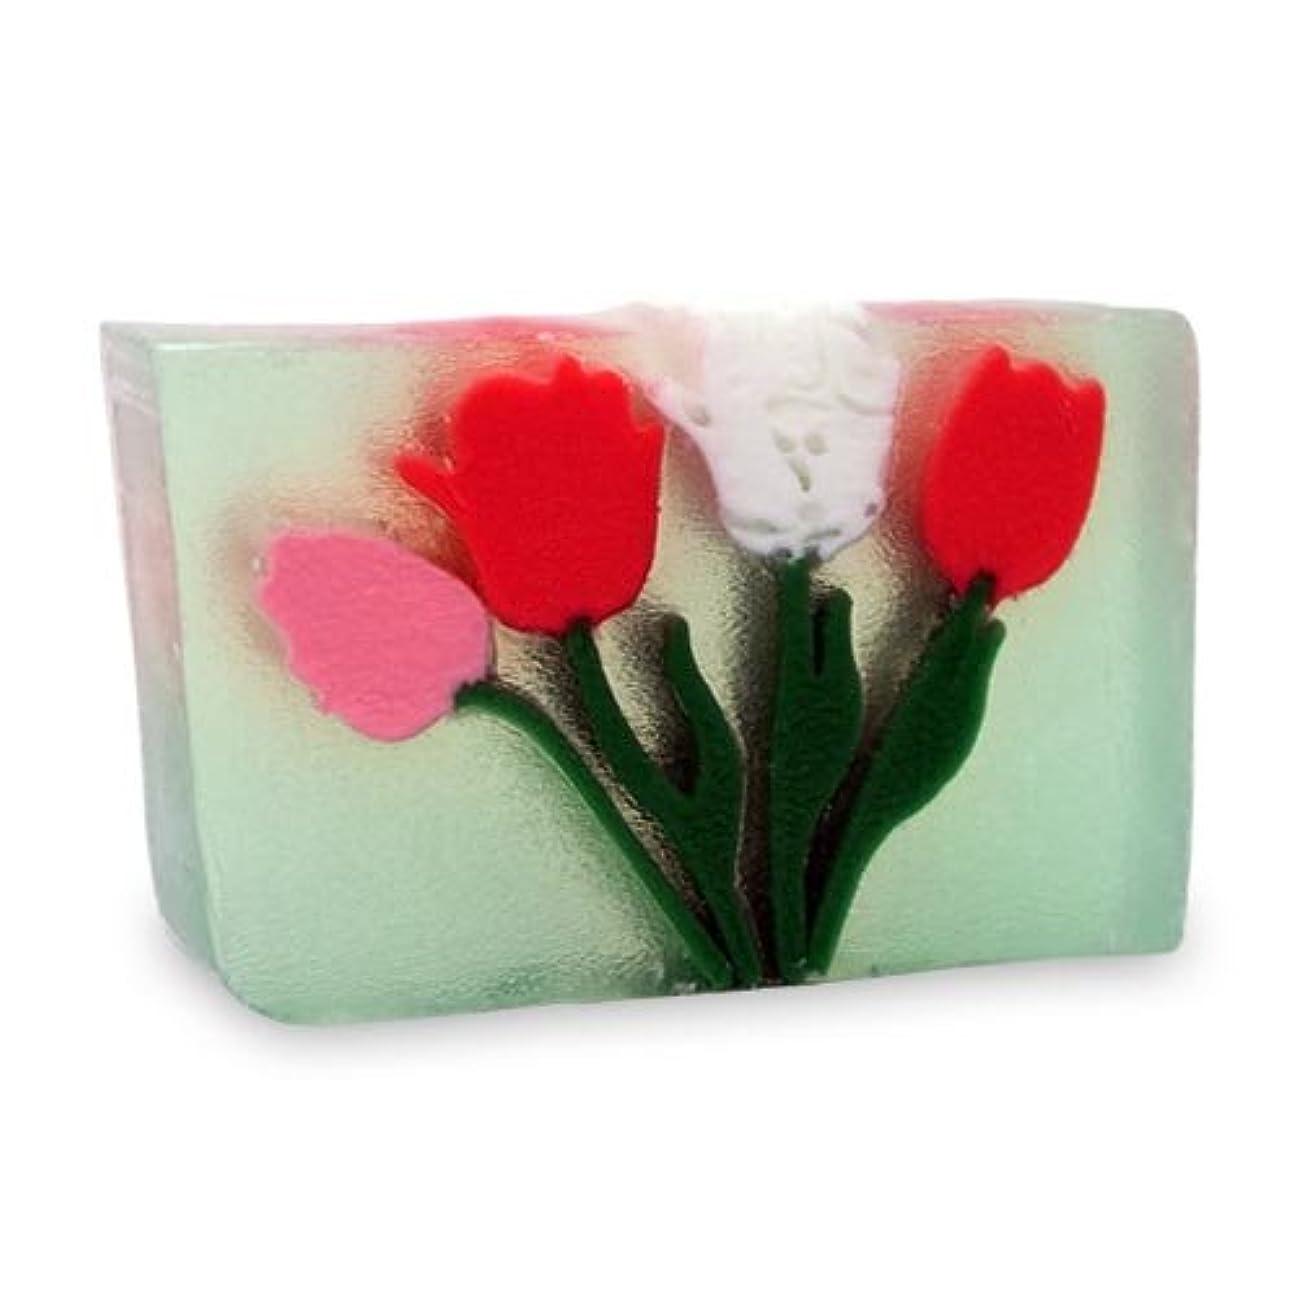 腰賛辞枕プライモールエレメンツ アロマティック ソープ チューリップ 180g 植物性 ナチュラル 石鹸 無添加